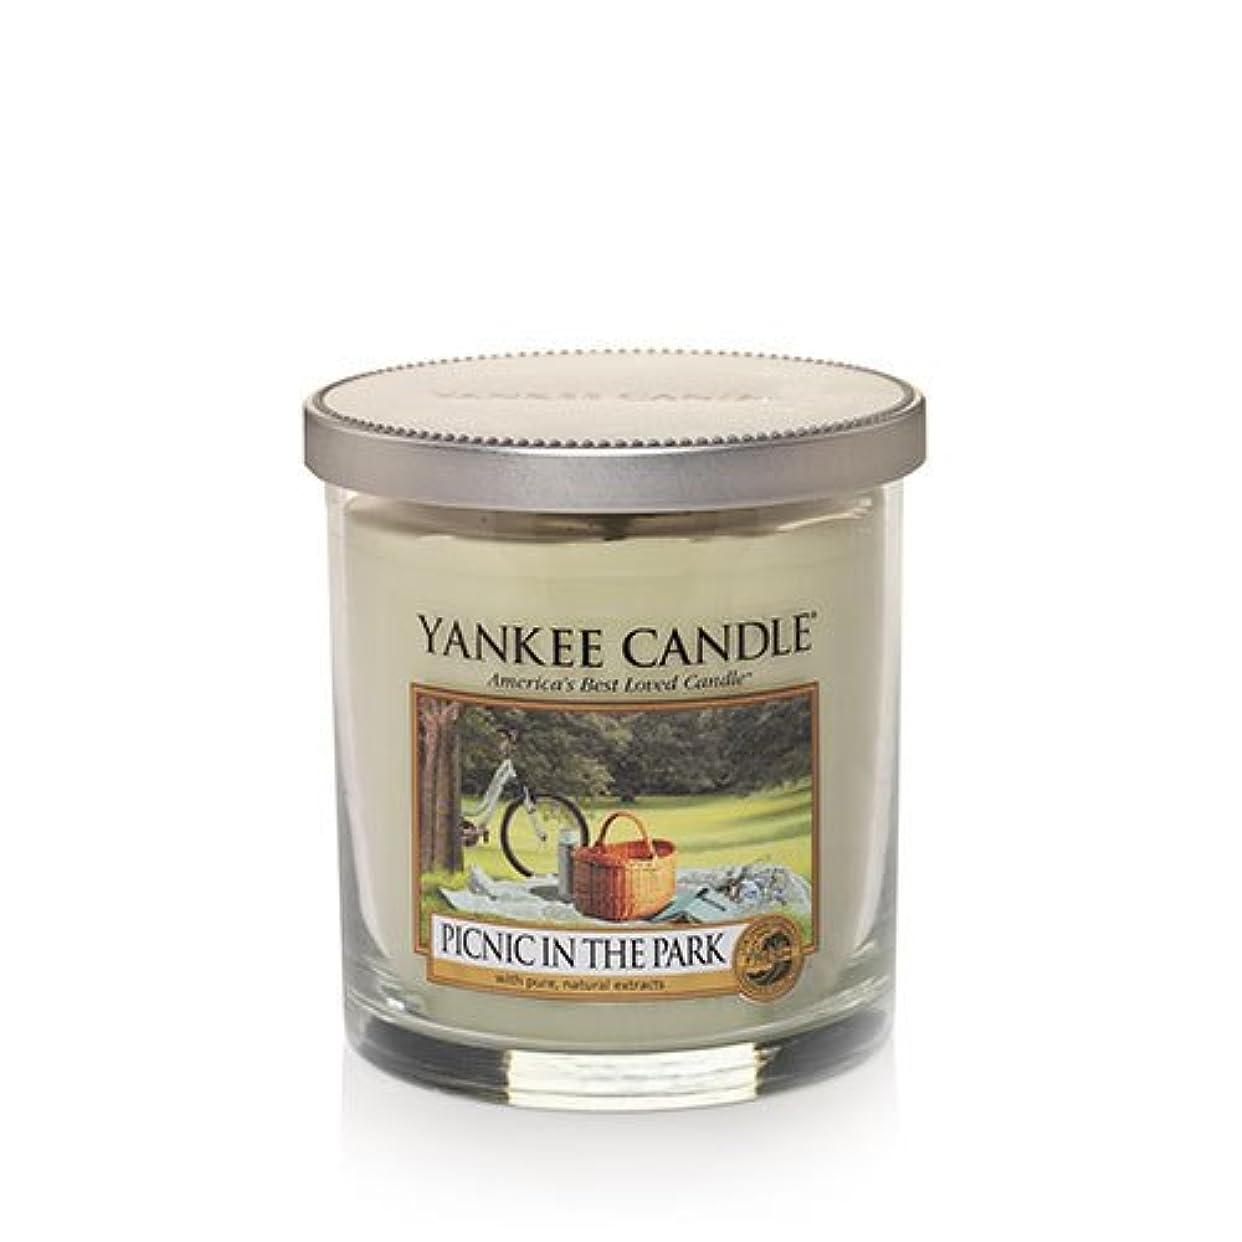 機関車の間に錫Yankee Candleピクニック公園で、新鮮な香り Small Tumbler Candles 1323009-YC